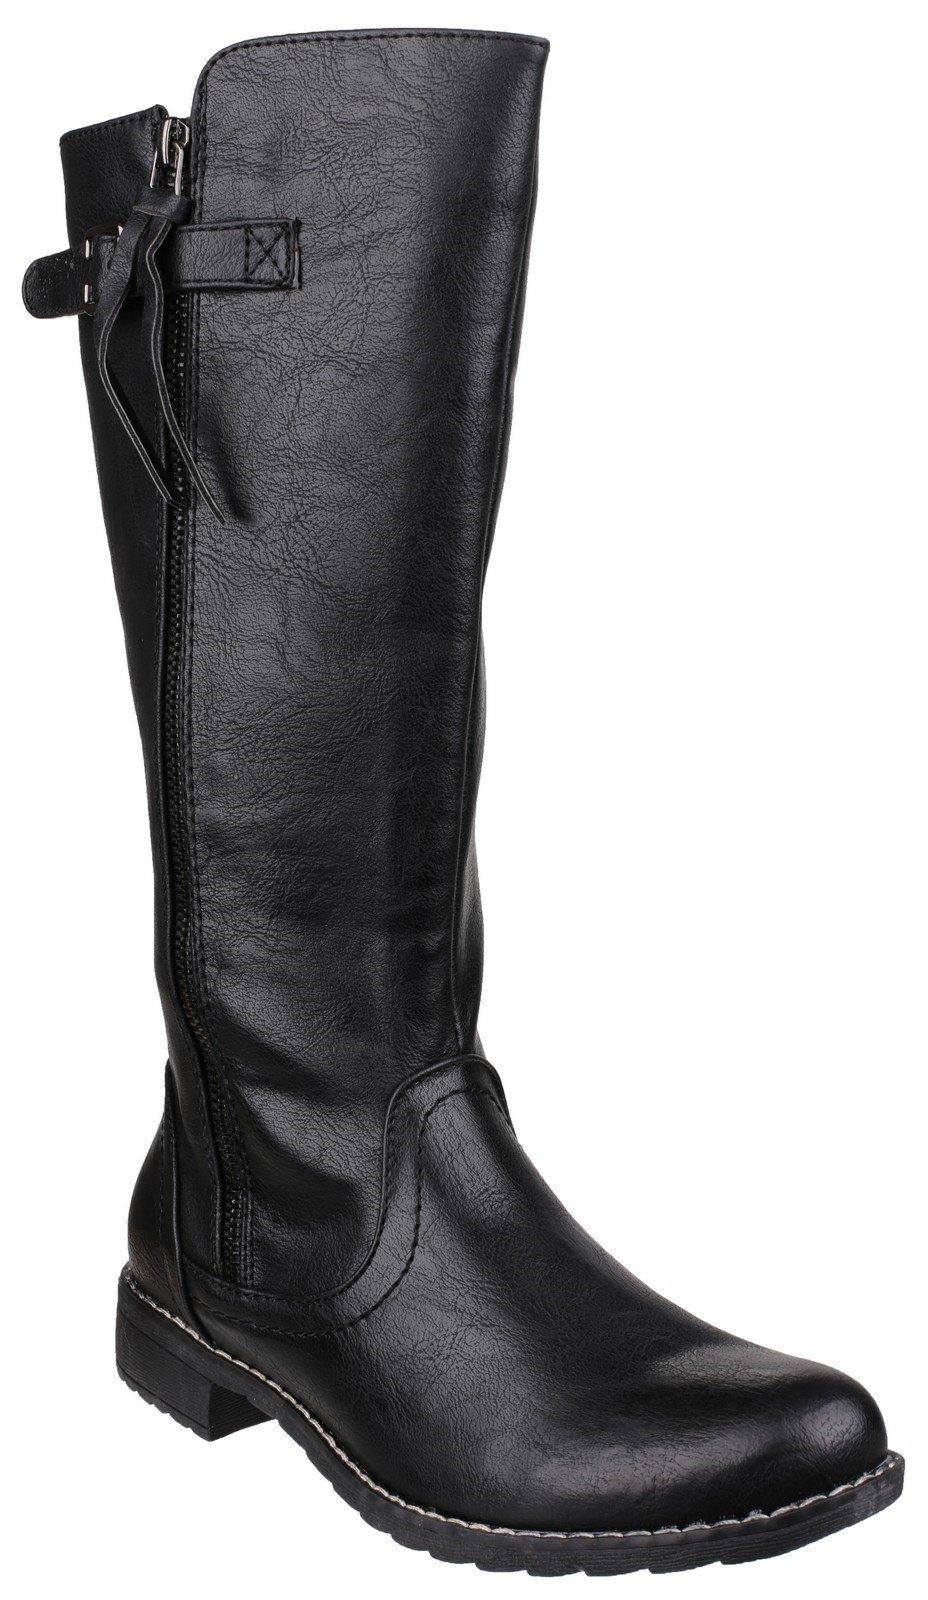 Divaz Women's Bari Zip Up Boot Black 22809-37237 - Black 3